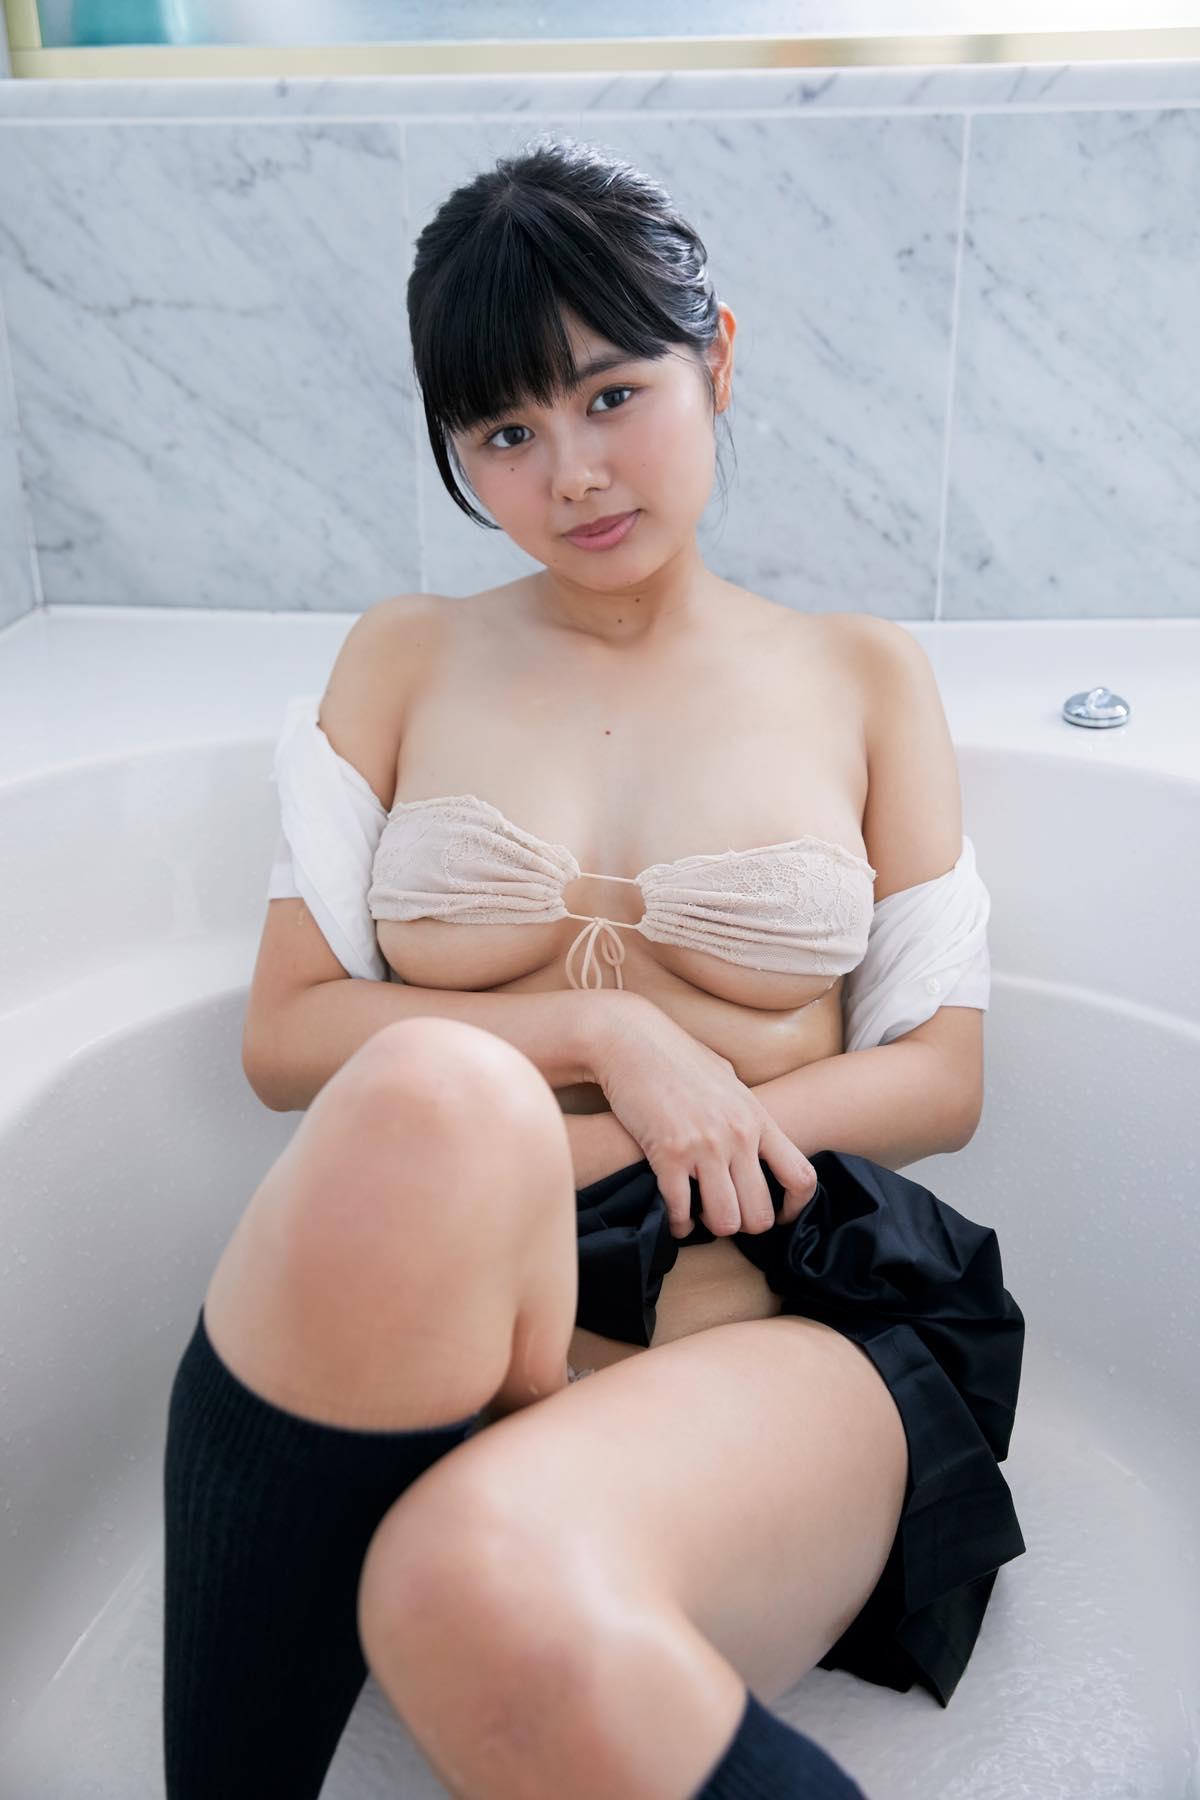 蒼山みこと「熊本からきた純朴少女」のムッチムチボディ【写真10枚】の画像001